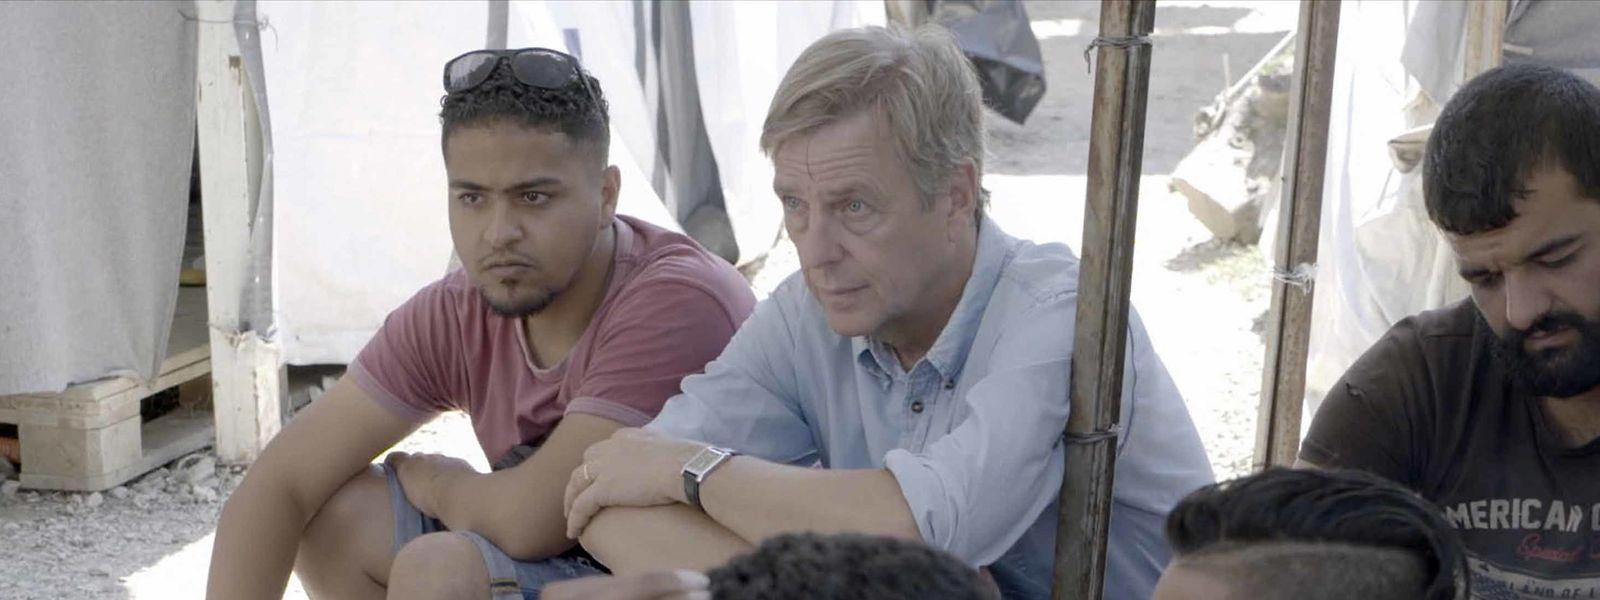 Claus Kleber (2.v.l.) und sein Übersetzer Issmail (l.) im Gespräch mit syrischen Flüchtlingen im Camp Moria auf der griechischen Insel Lesbos.